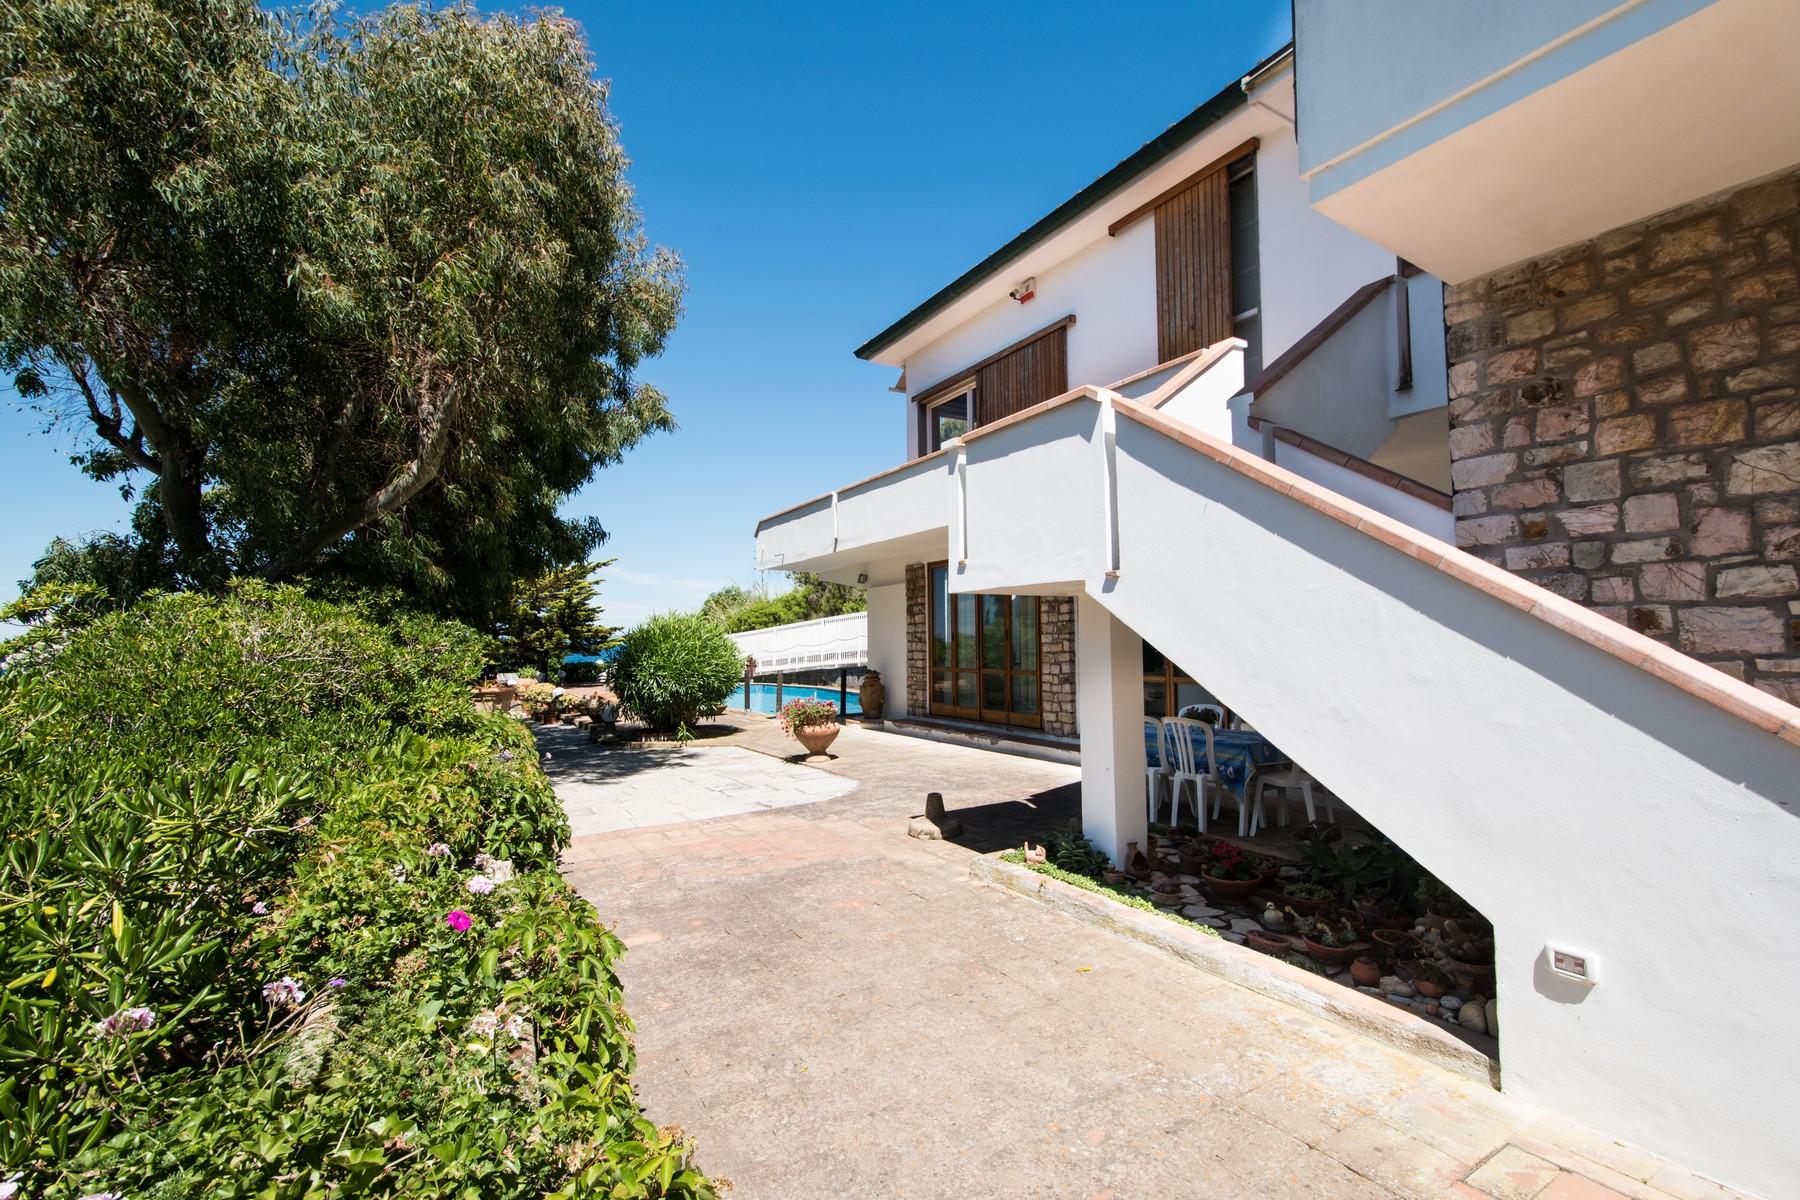 Villa in Vendita a Portoferraio: 5 locali, 300 mq - Foto 4